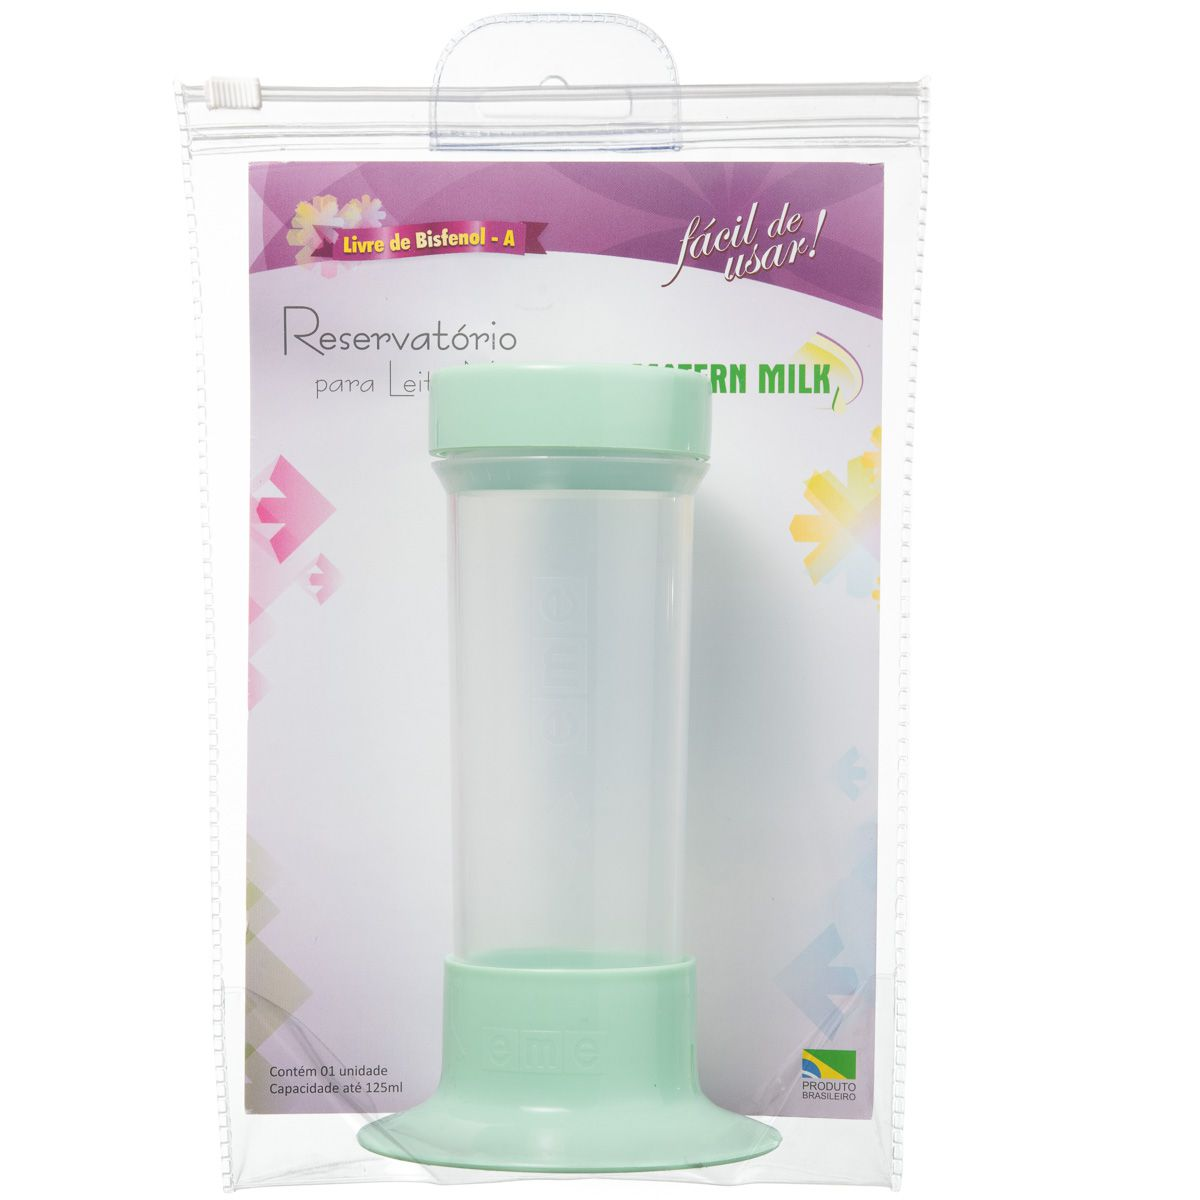 Reservatório para Leite Materno Verde com Tubo de Sucção - peças avulsas do Tira Leite Matern Milk